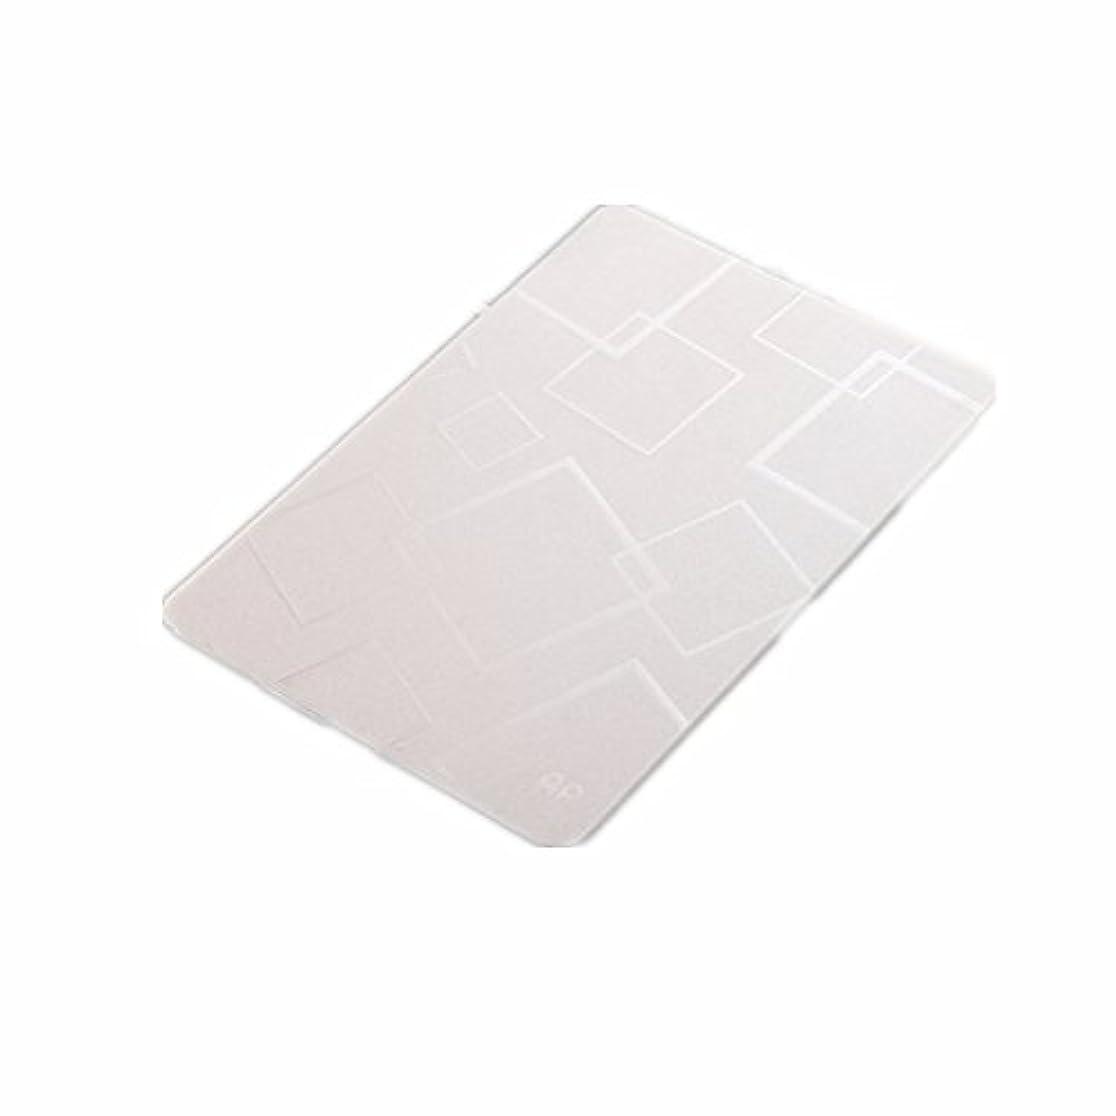 知的人工才能薄型 横開き 手帳型 2017 ipad 新型 ケース アイパッドカバー人気 おしゃれ シンプル ipad 2017 モデル A1822 A1823 第5世代 ケース オートスリープ機能 (ホワイト)